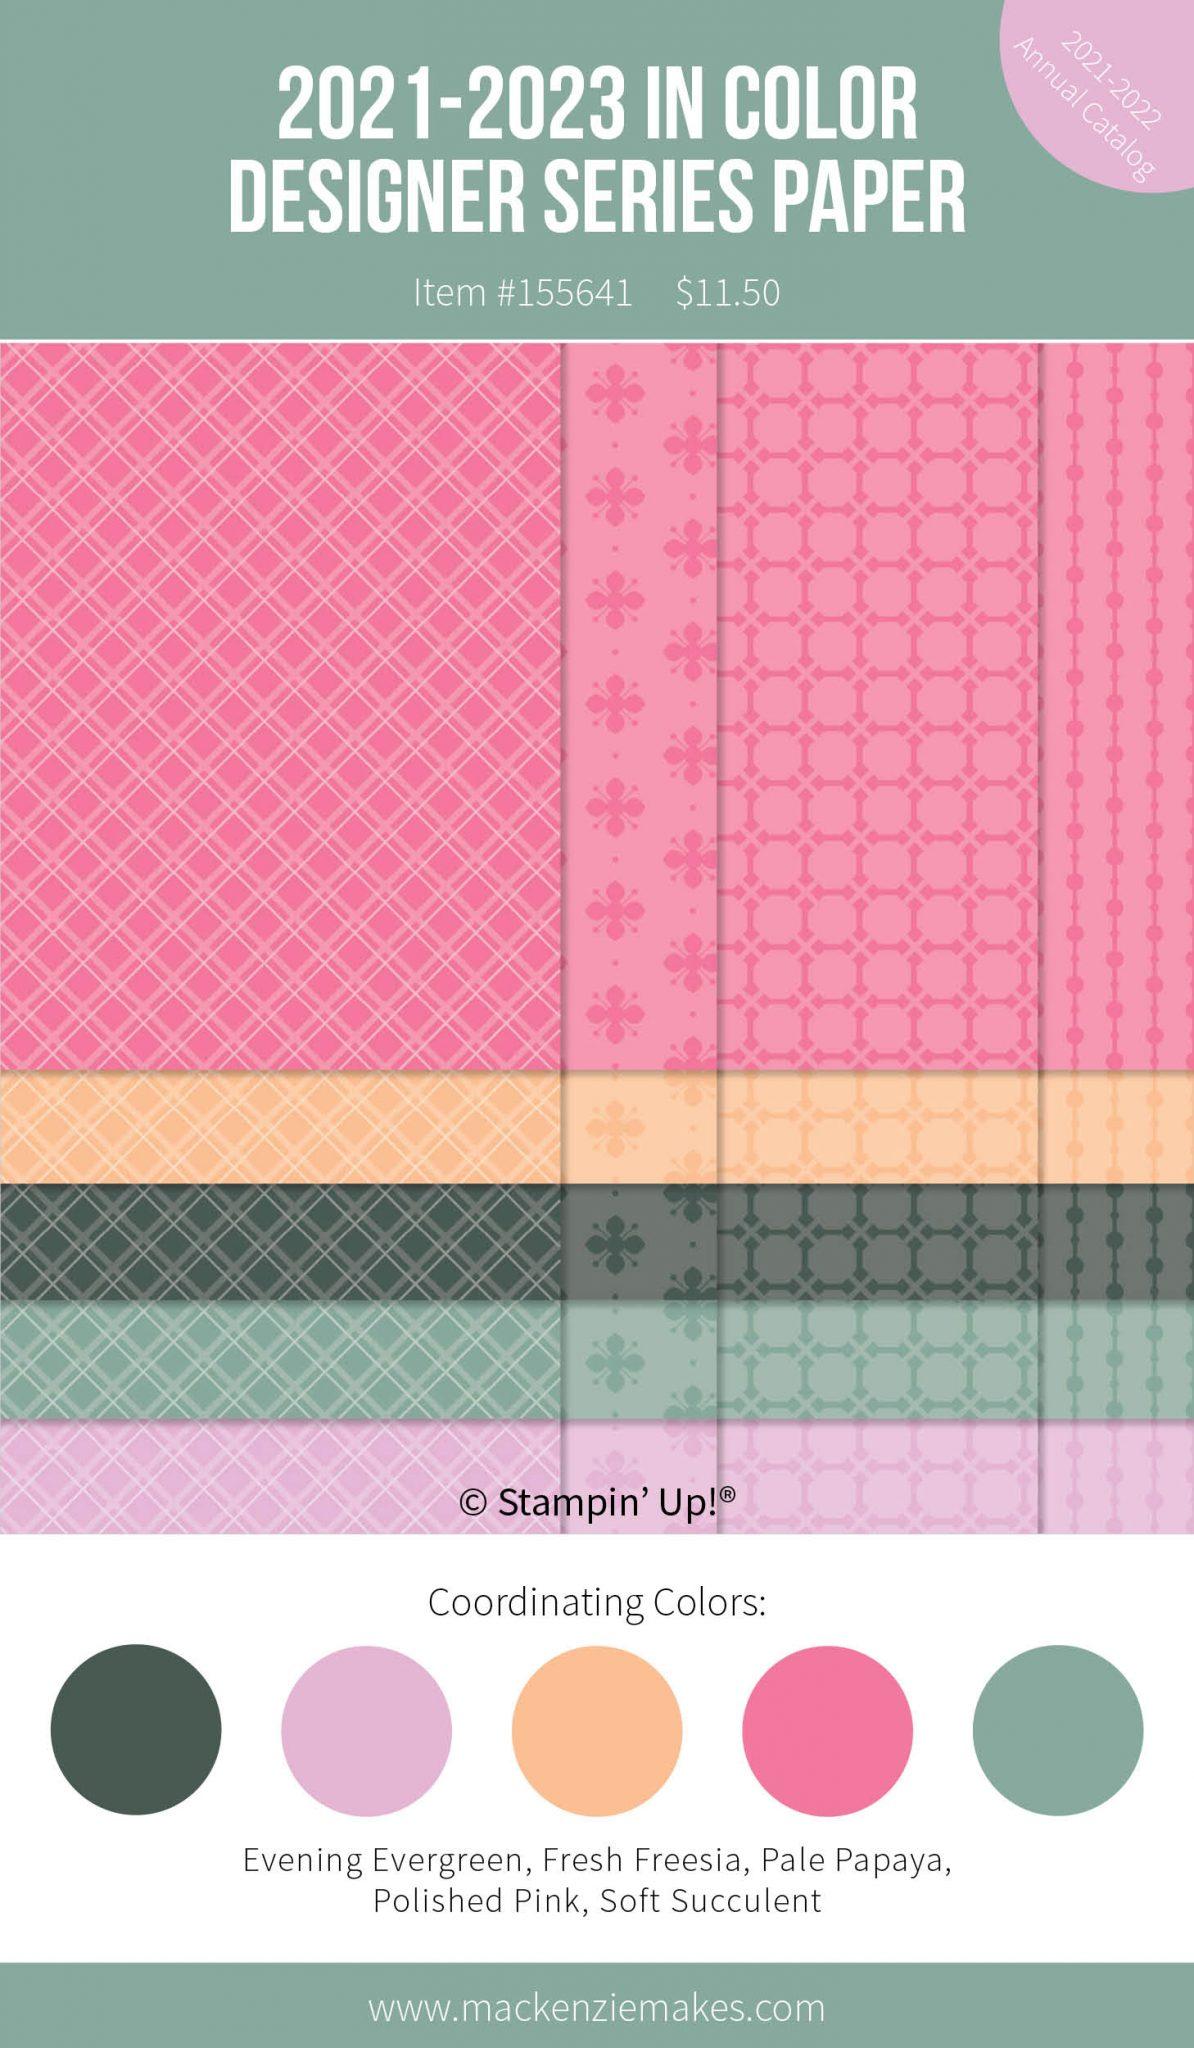 2021-2022AnnualCatalogDSP-2021-2023 In Color DSP